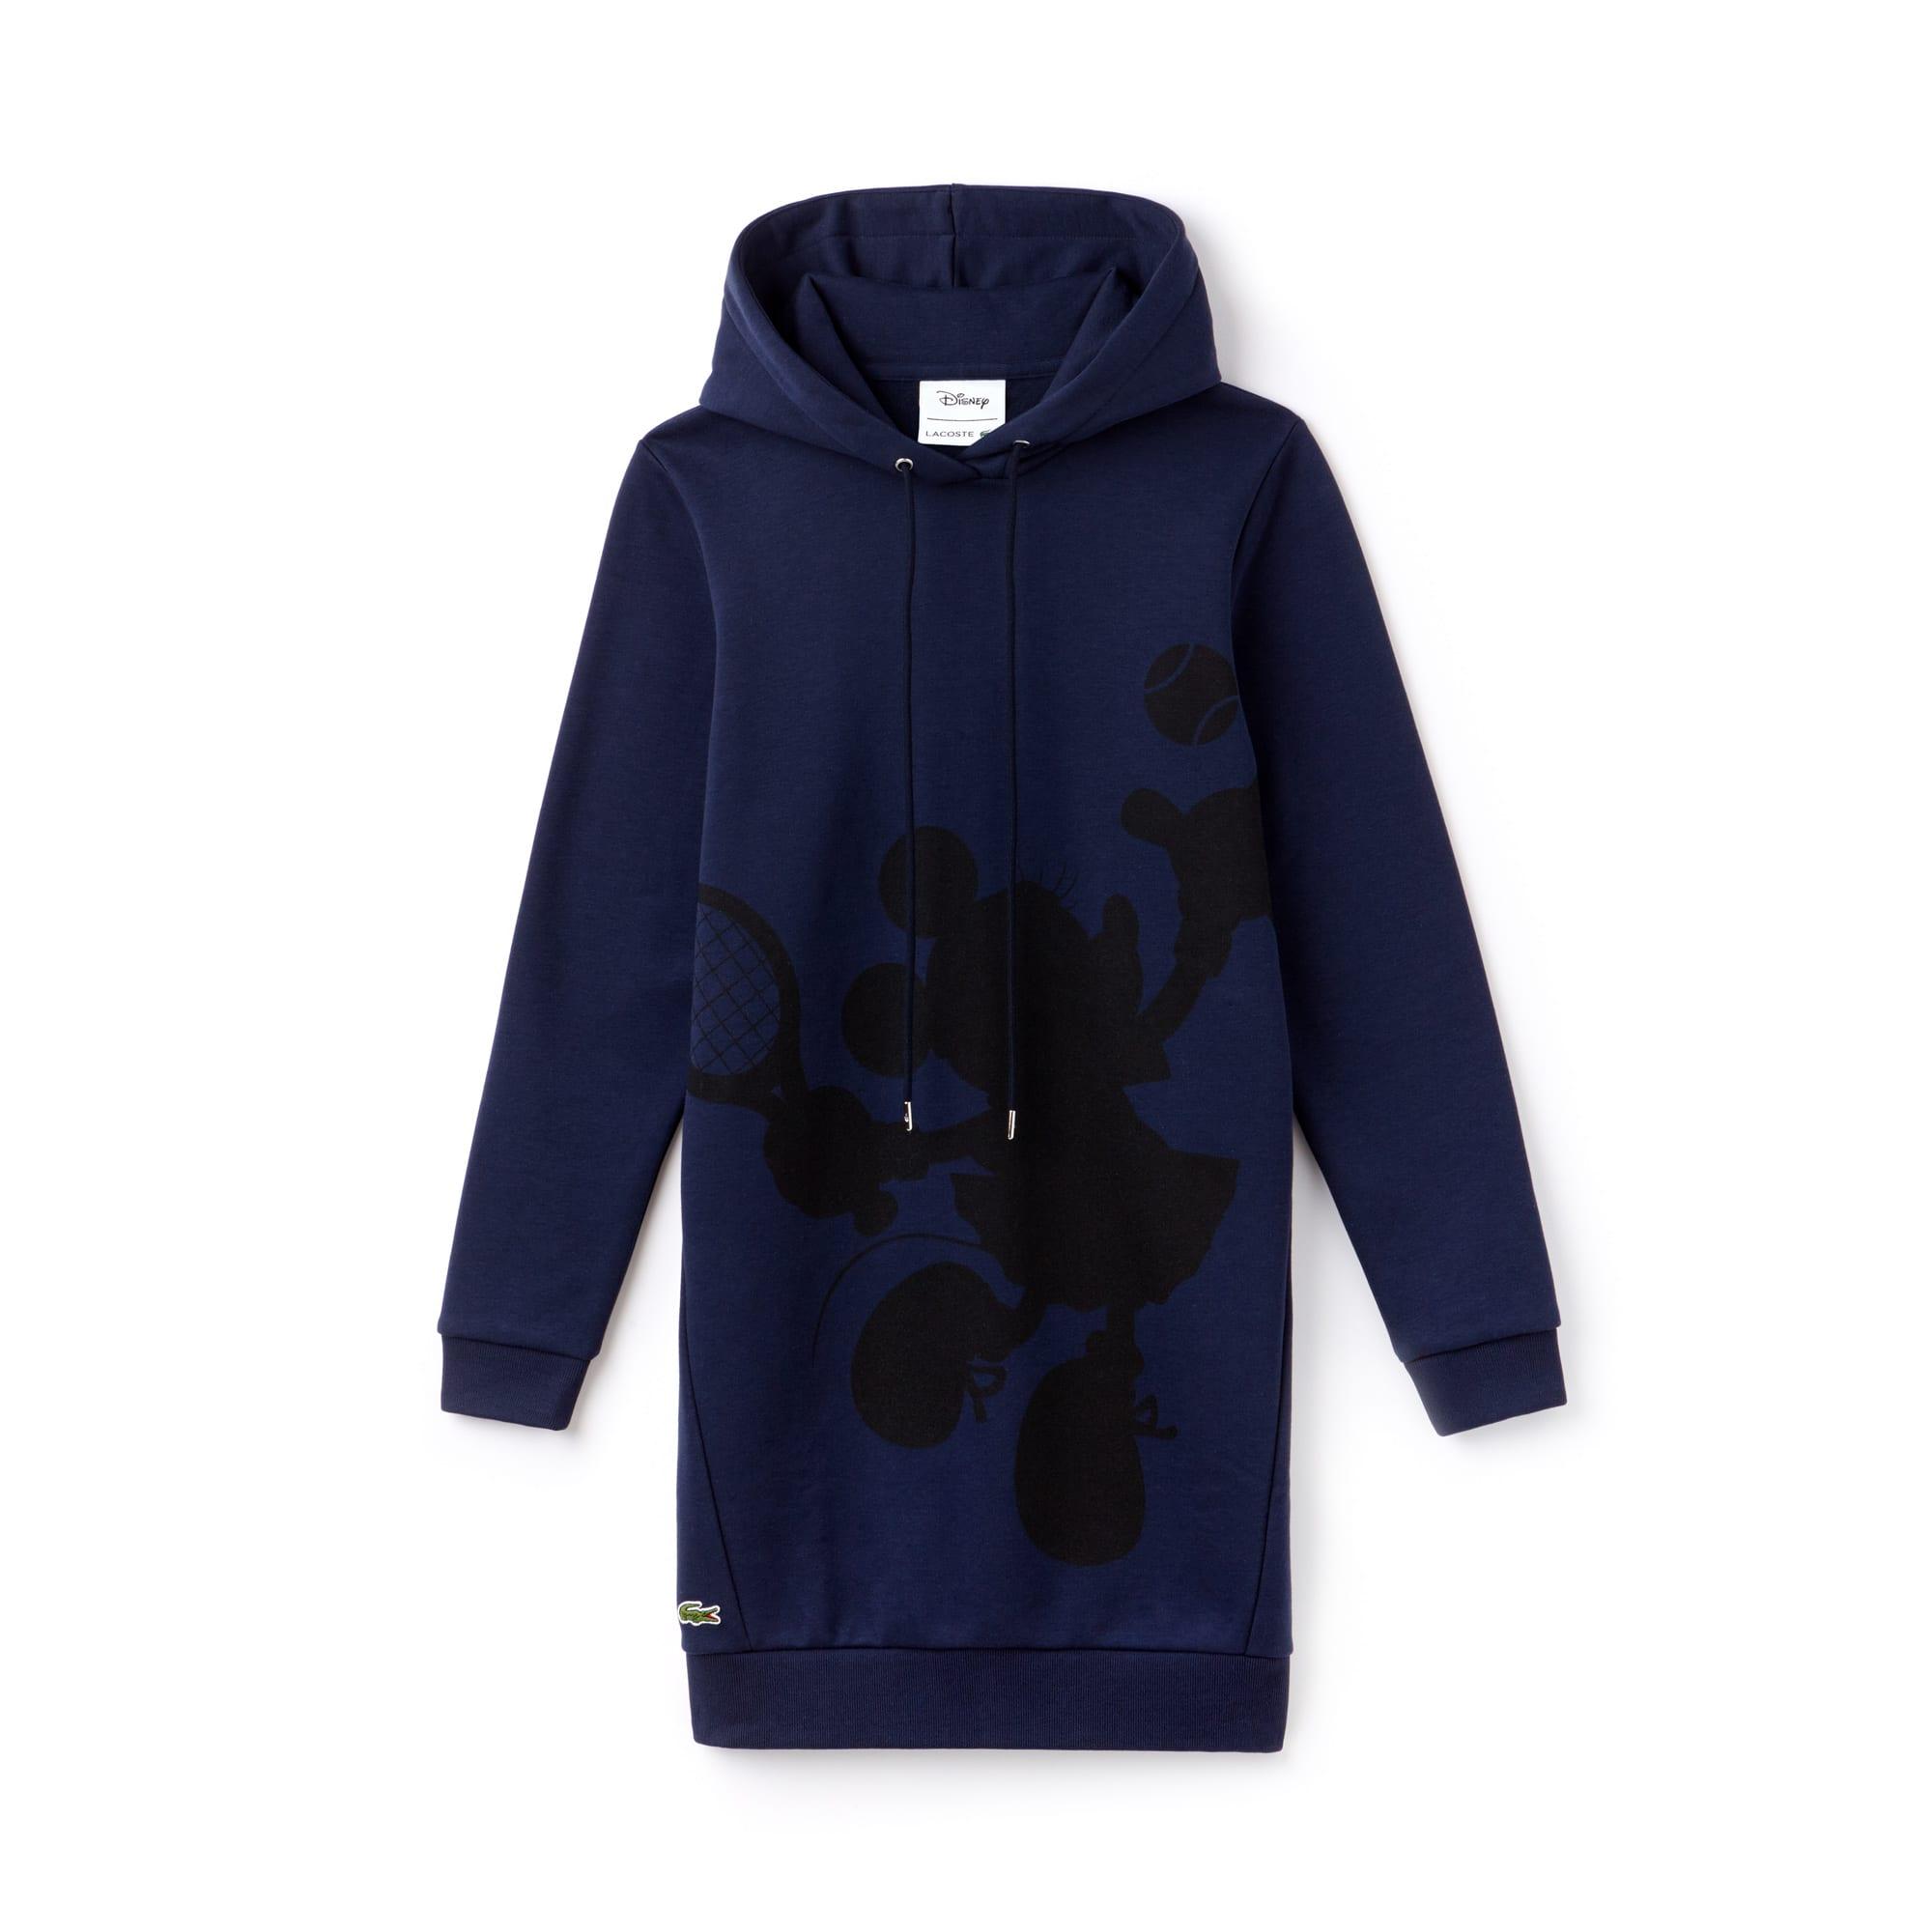 라코스테 Lacoste Womens Hooded 샵디즈니 Disney Minnie Print Fleece Sweatshirt Dress,navy blue